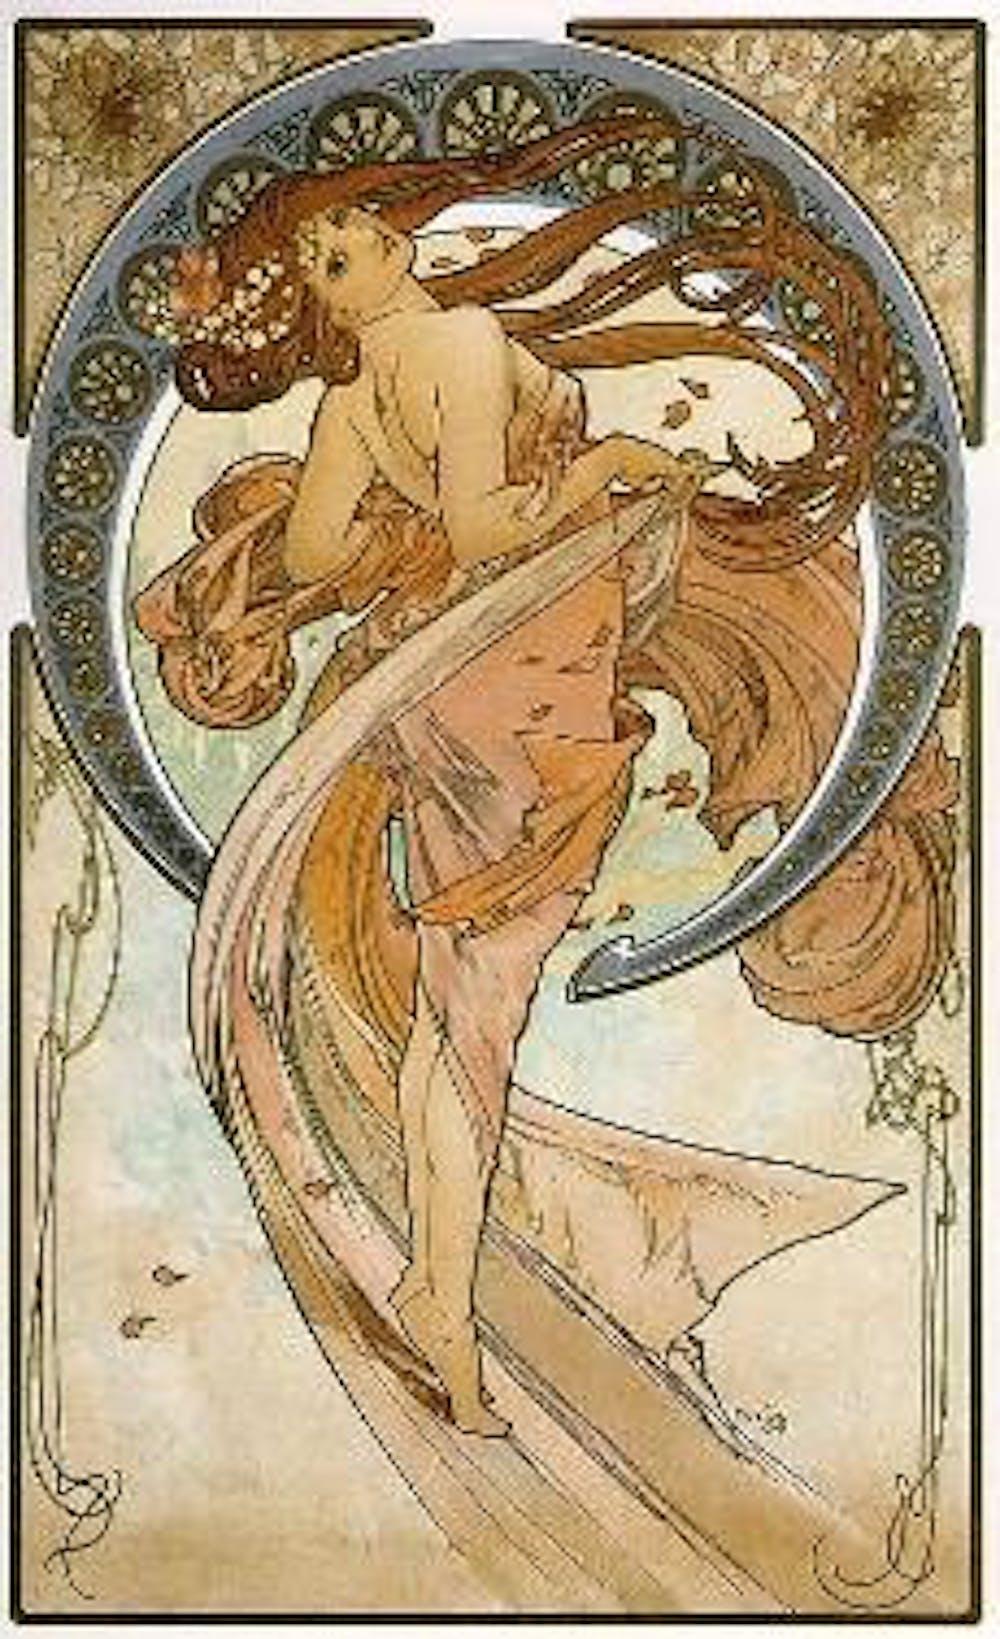 Art Nouveau captures everyday beauty